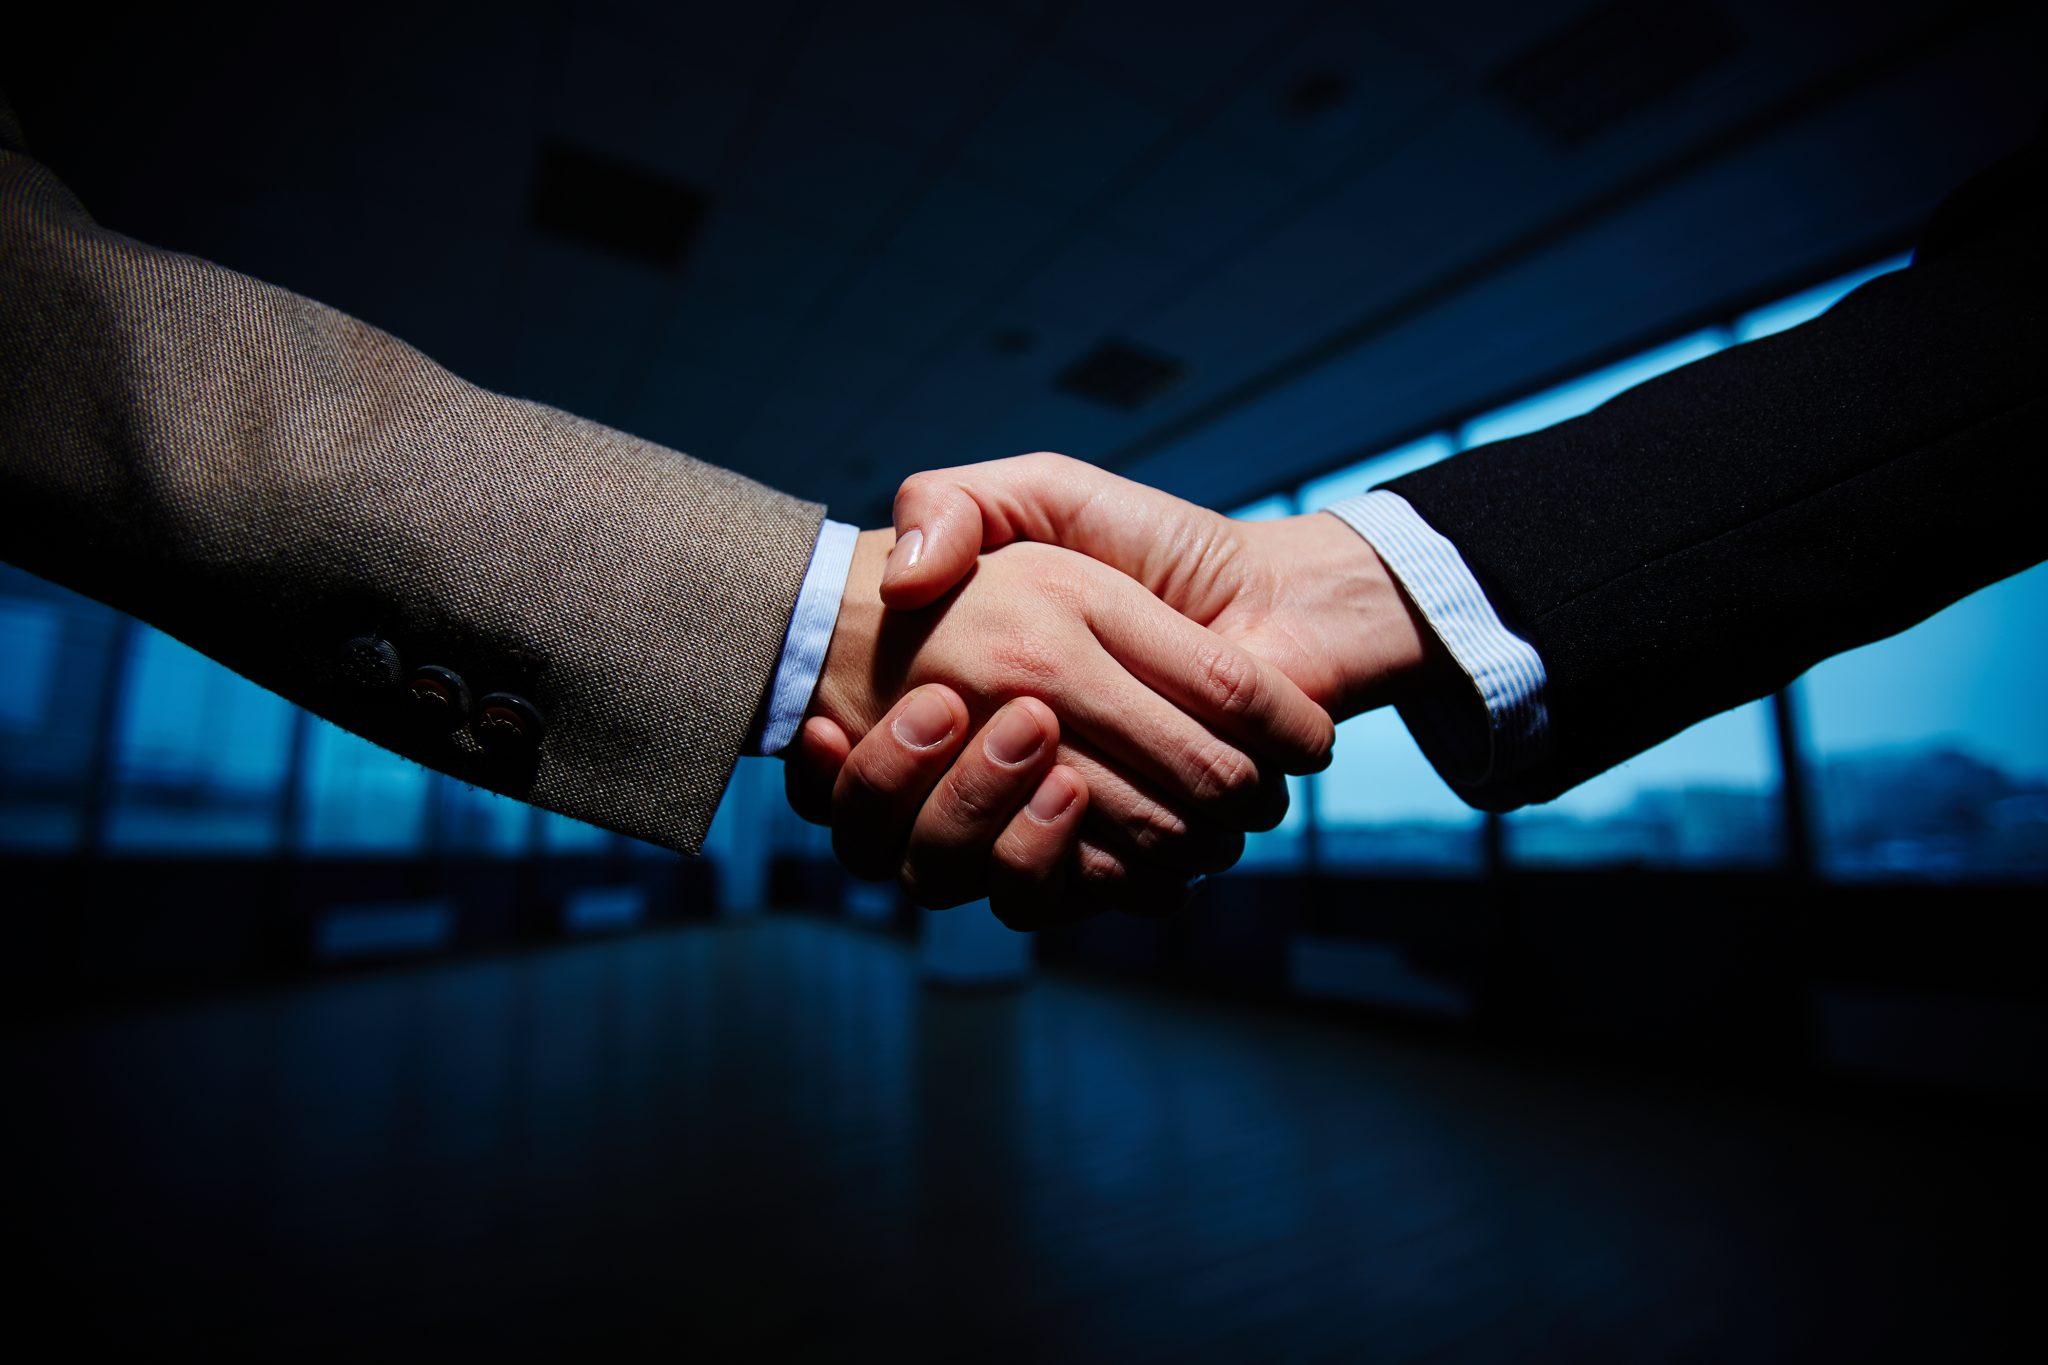 Políticas Públicas 4.0: CNDL aposta em novo convênio com Sebrae para desenvolver lideranças do varejo